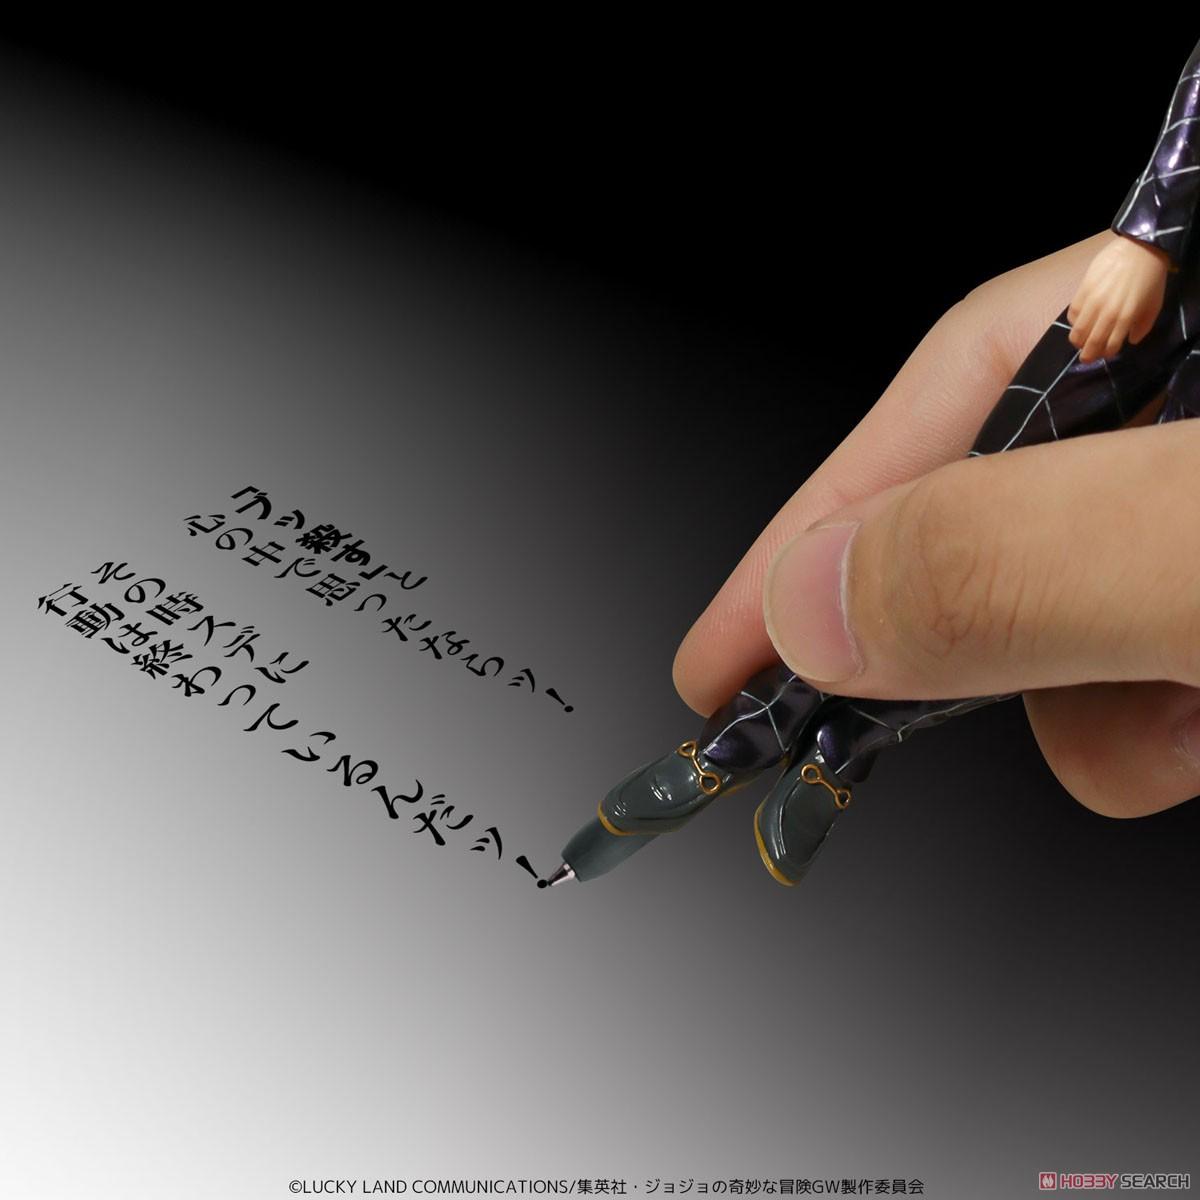 ジョジョの奇妙な冒険 黄金の風『プロシュート フィギュアペン』完成品フィギュア-006